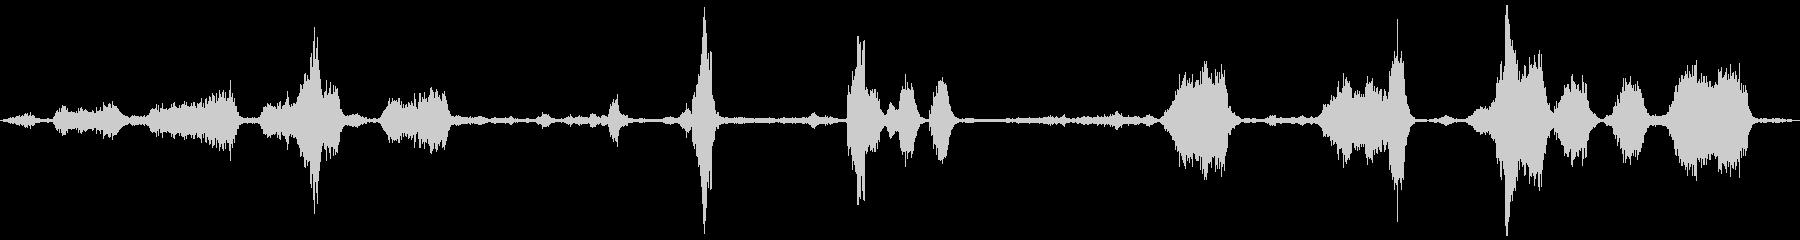 ペットショップの鳥の未再生の波形